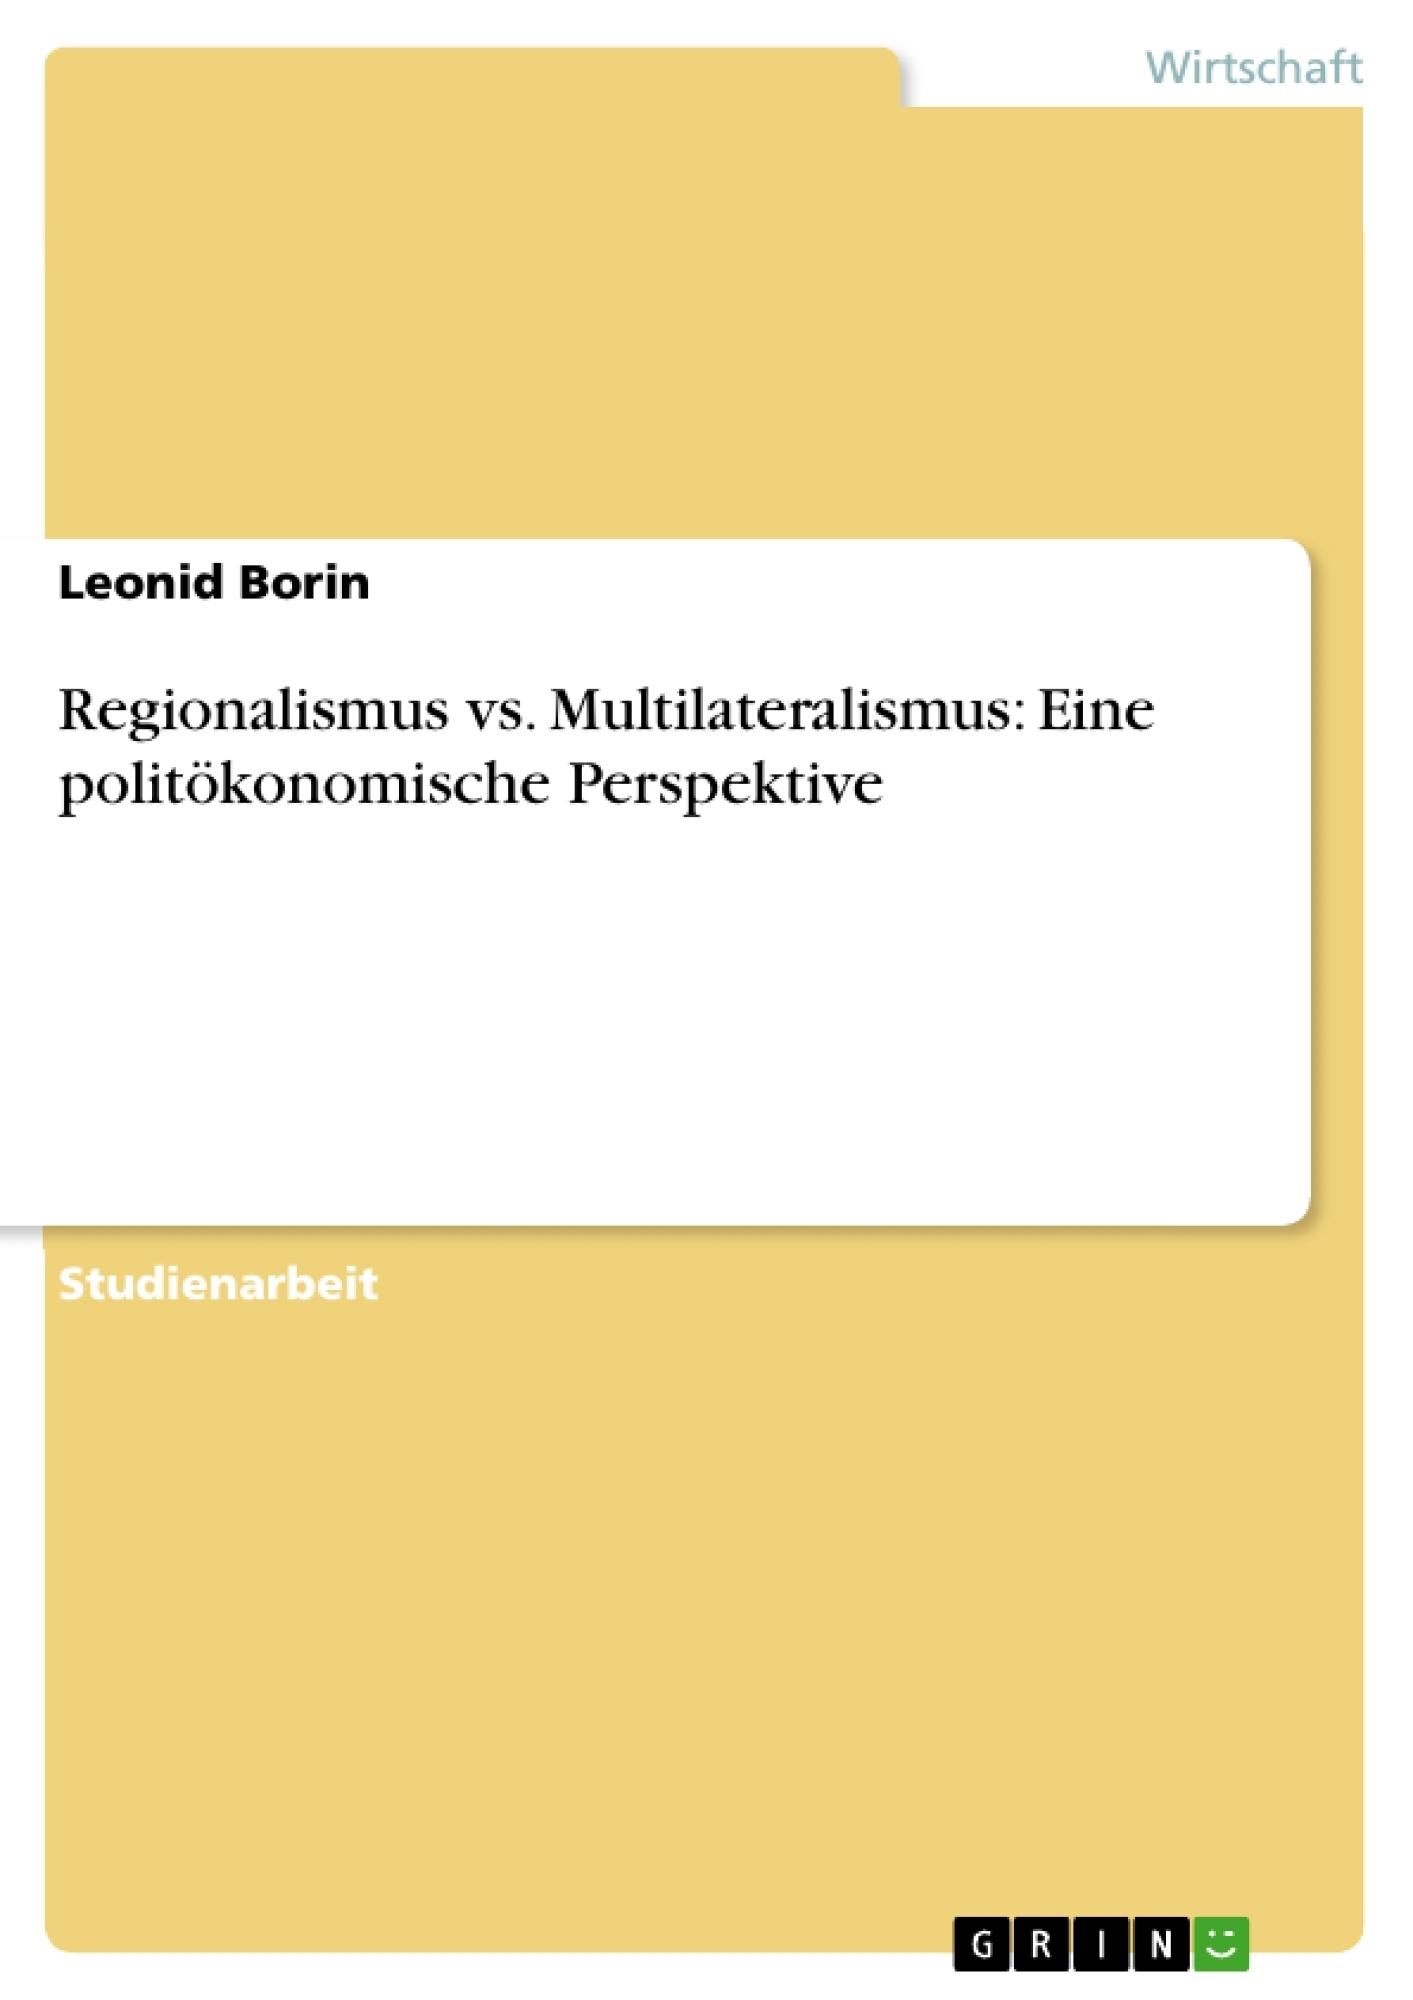 Titel: Regionalismus vs. Multilateralismus: Eine politökonomische Perspektive